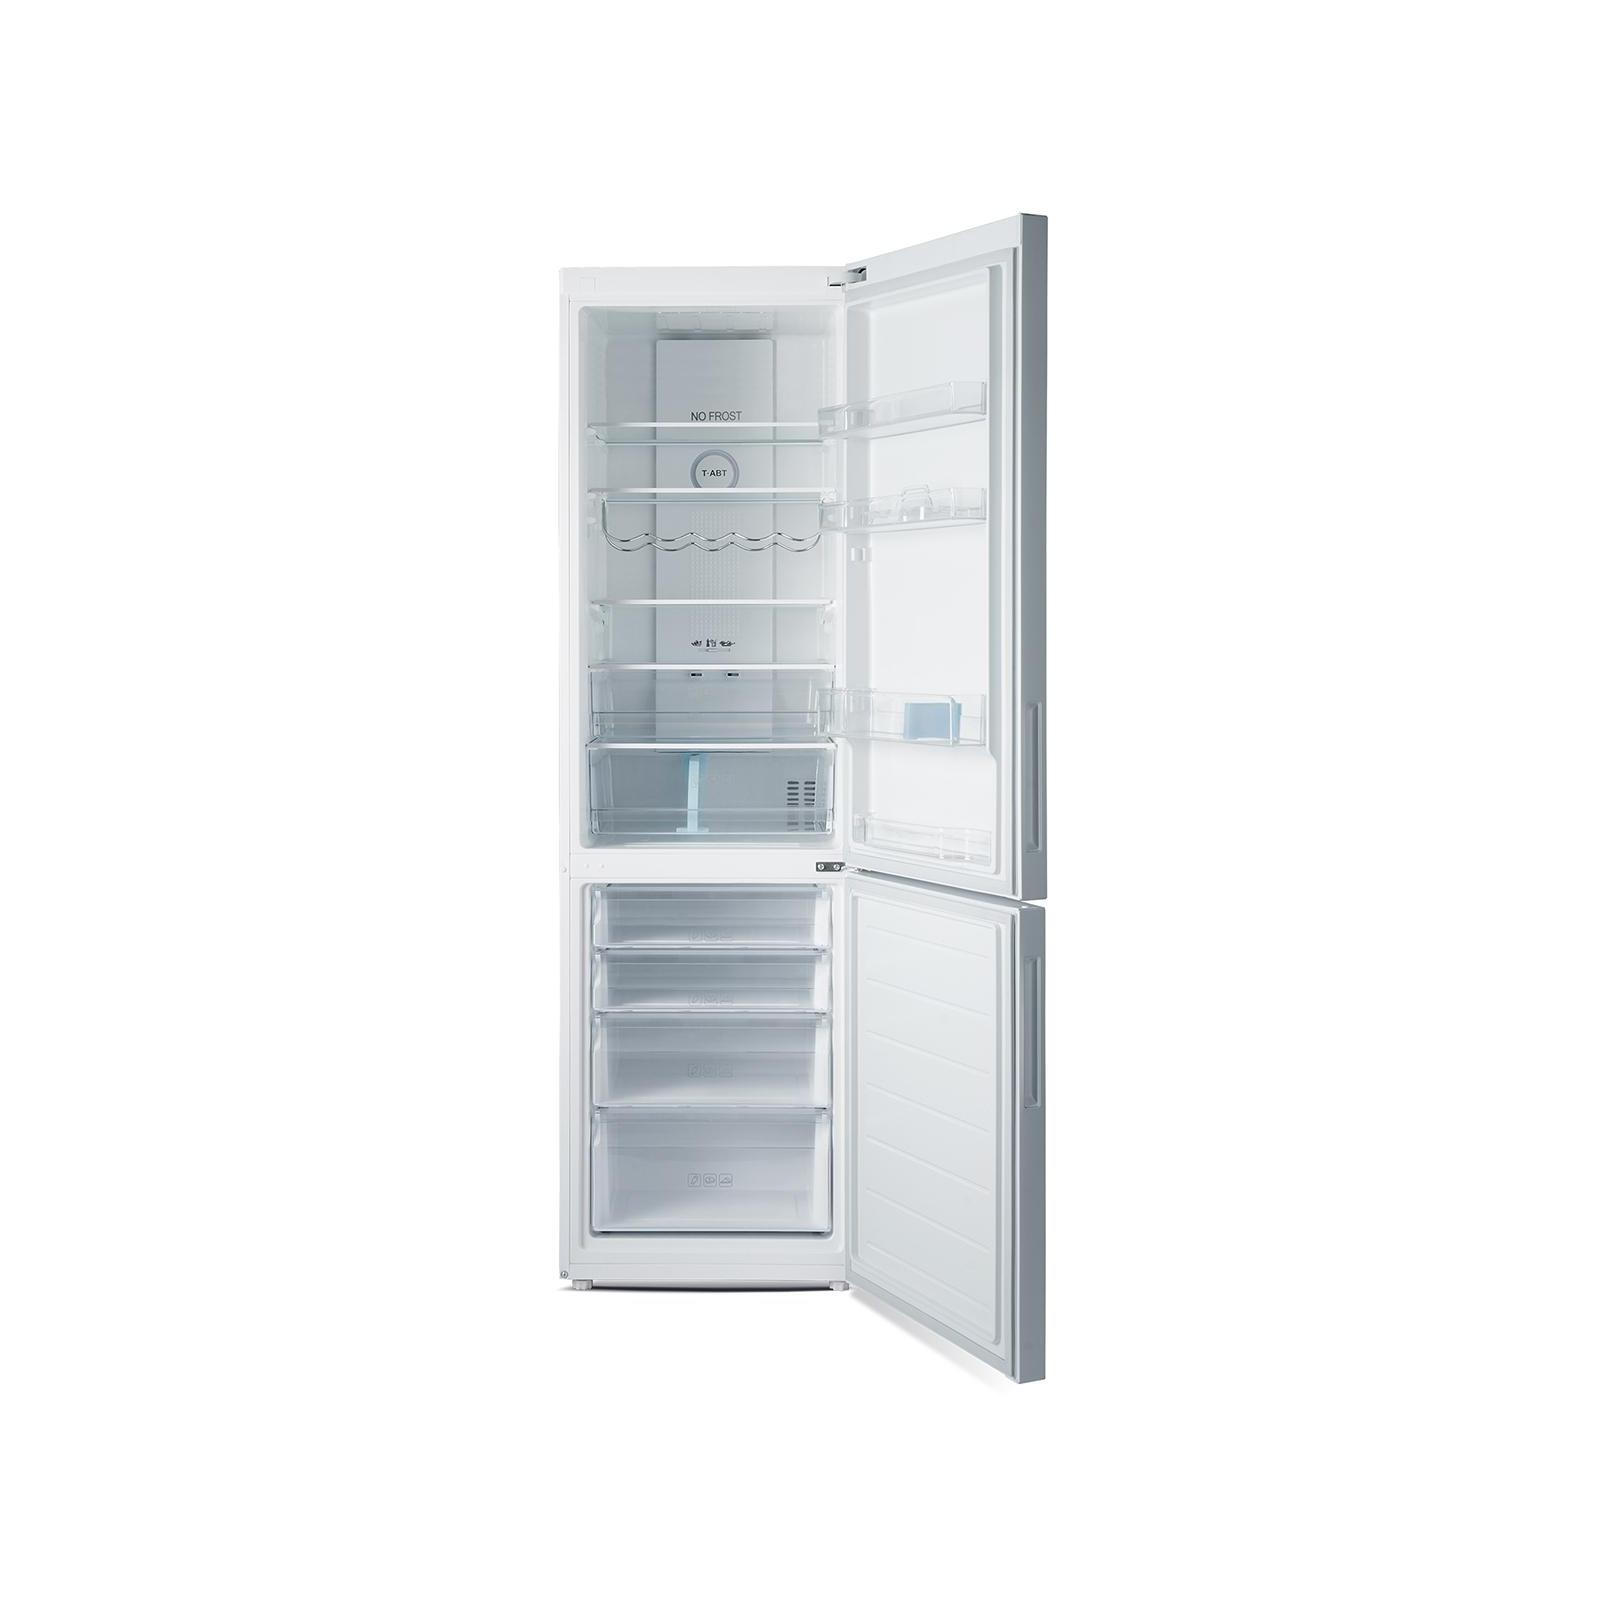 Холодильник Haier C2F637CWMV изображение 2